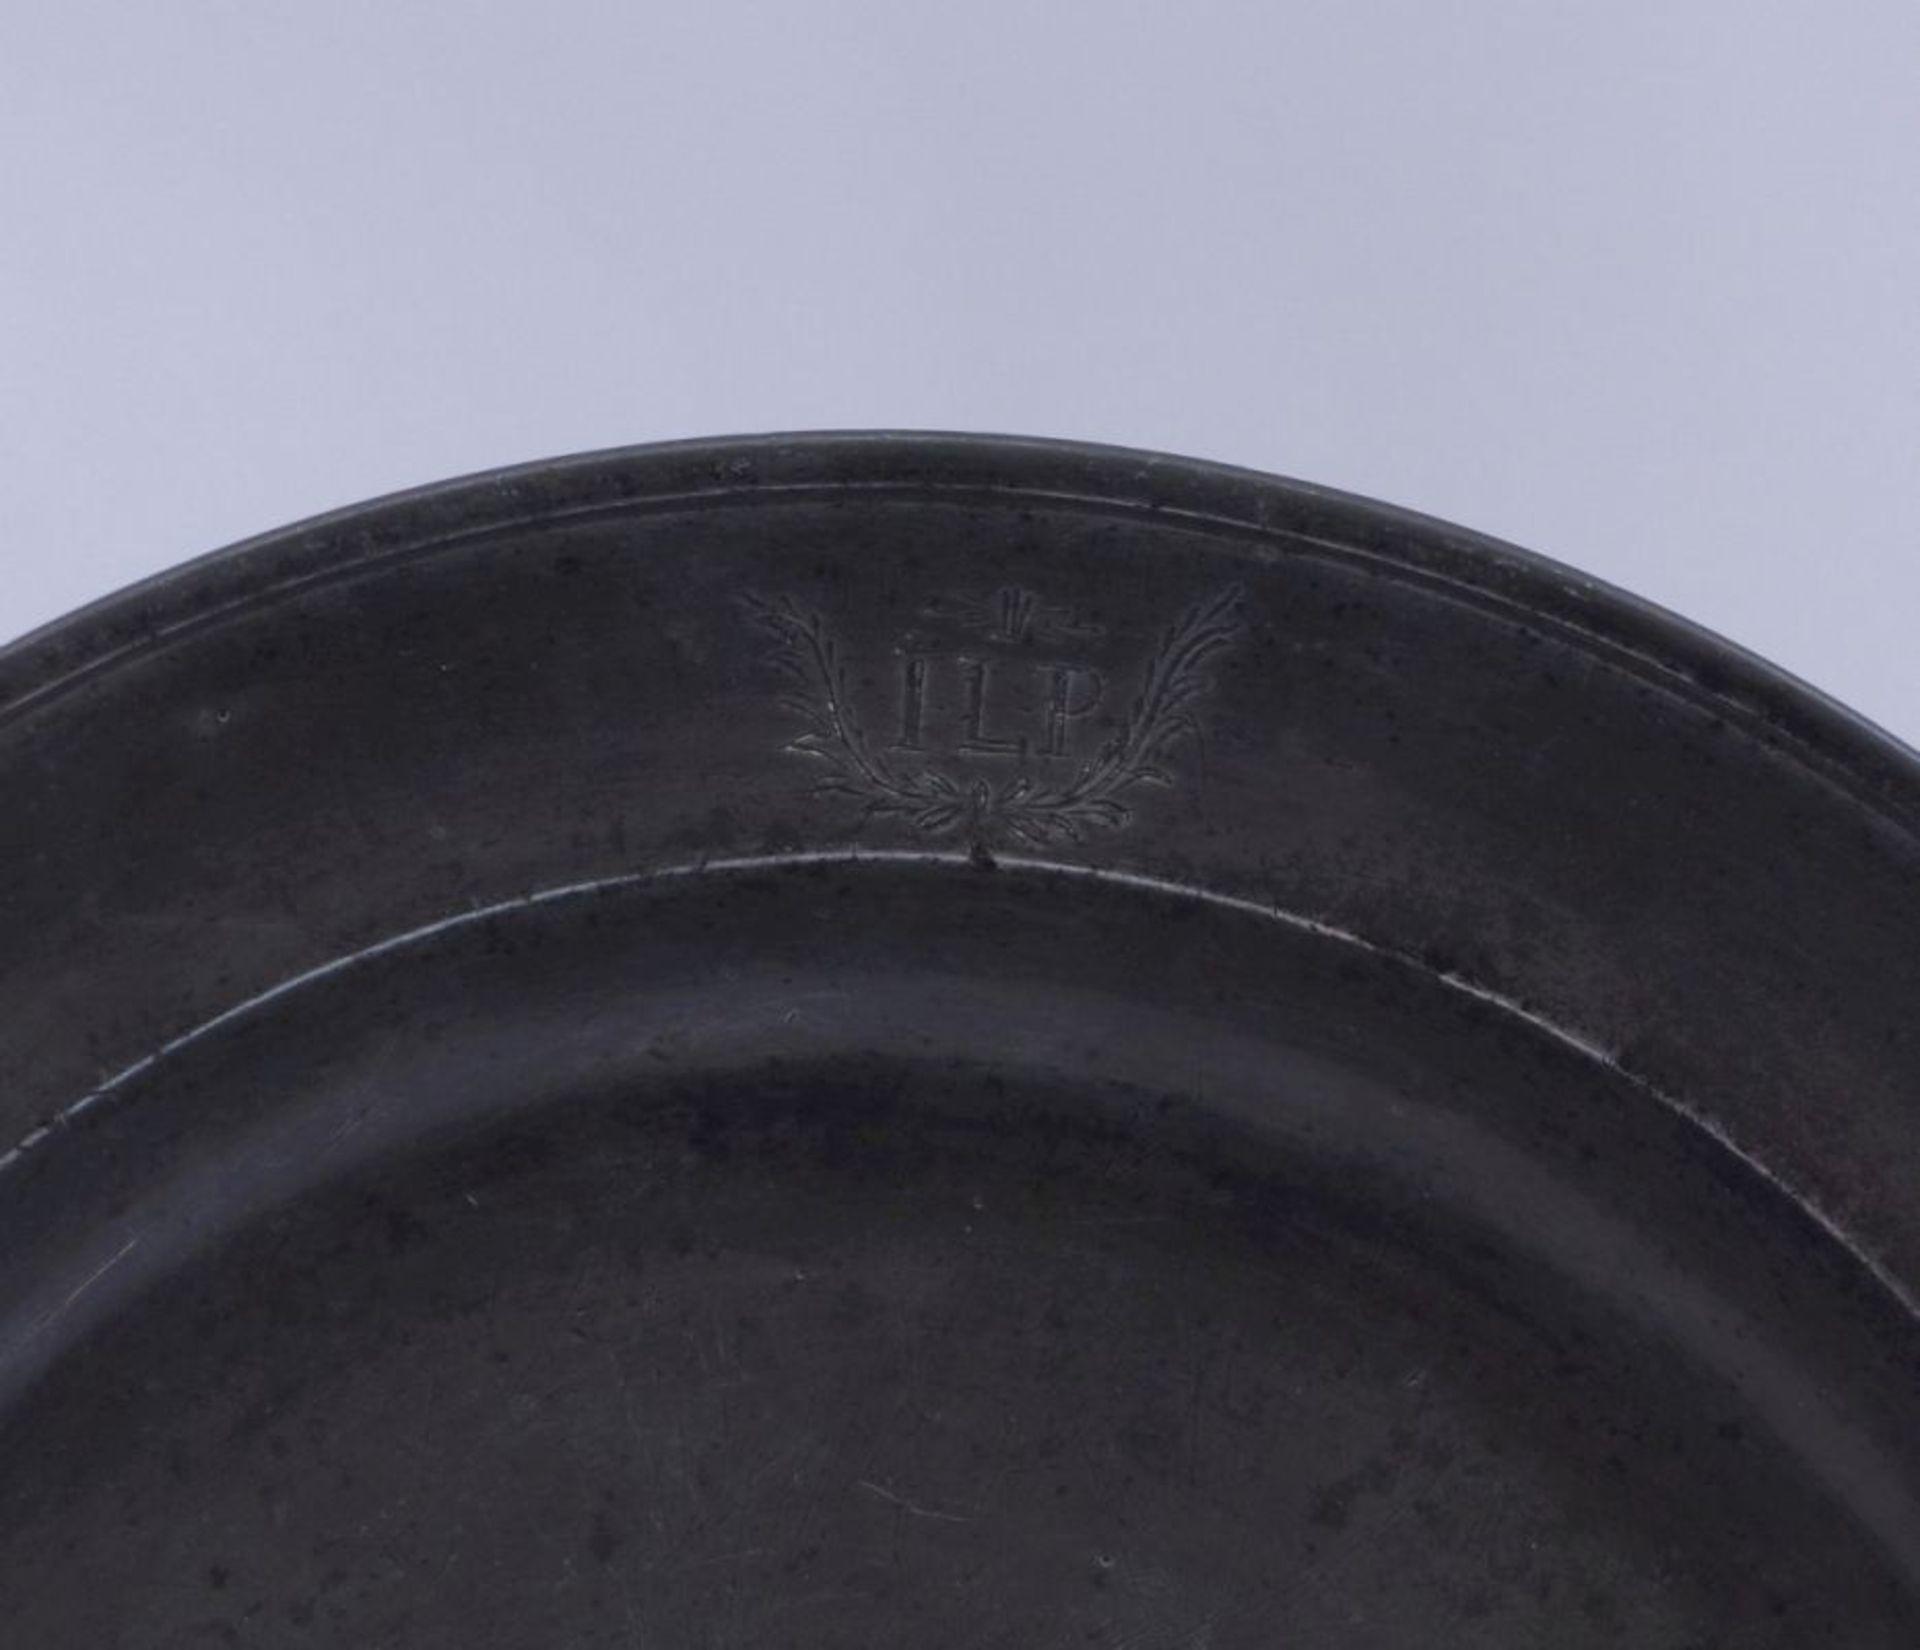 Große Platte - Bild 3 aus 4